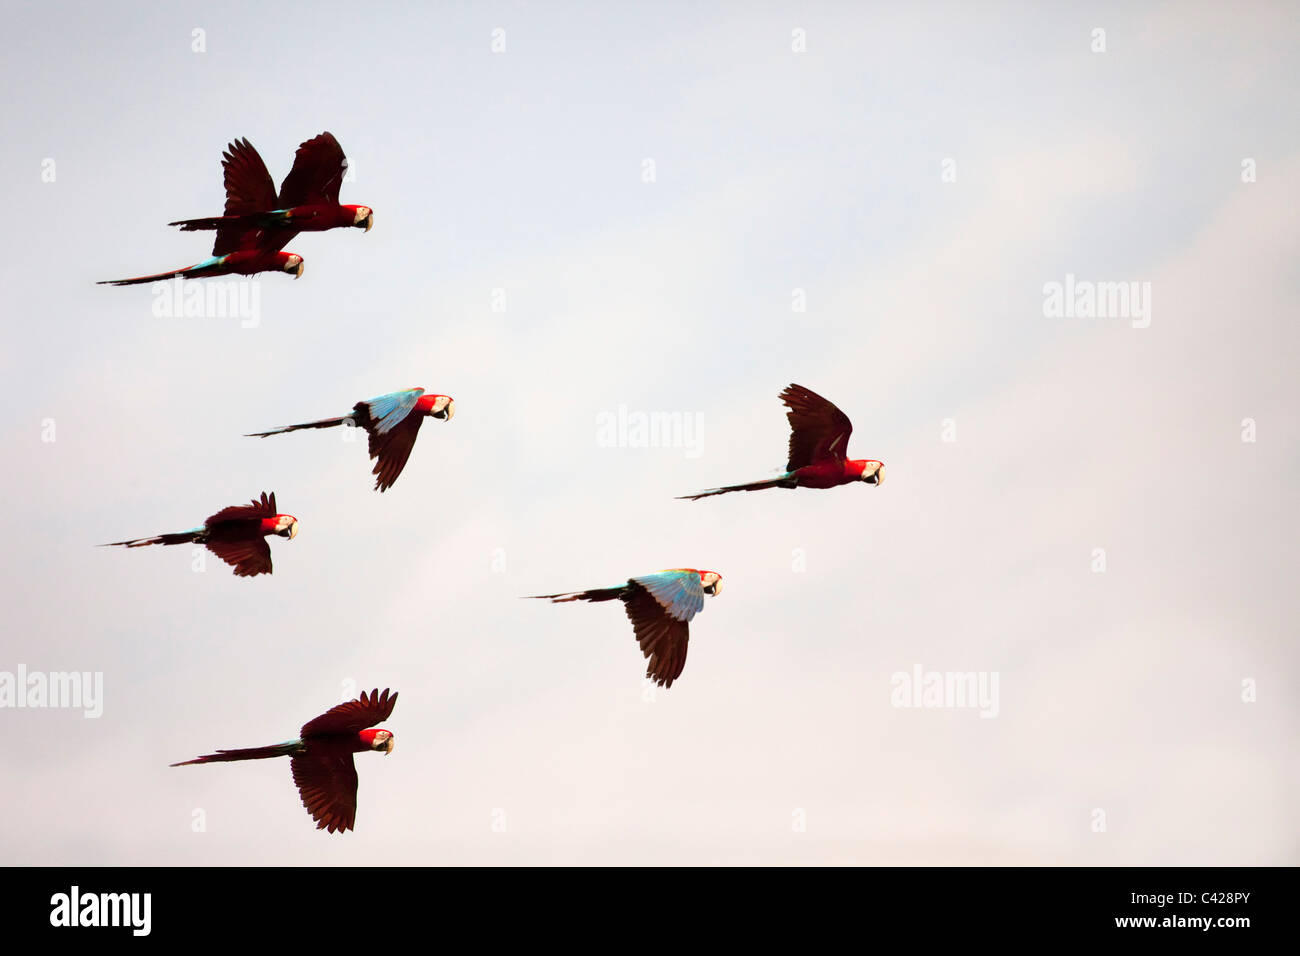 Manu National Park, Red and Green Macaws ( Ara chloroptera ) near Tambo Blanquillo clay lick. Flying. Flying. - Stock Image